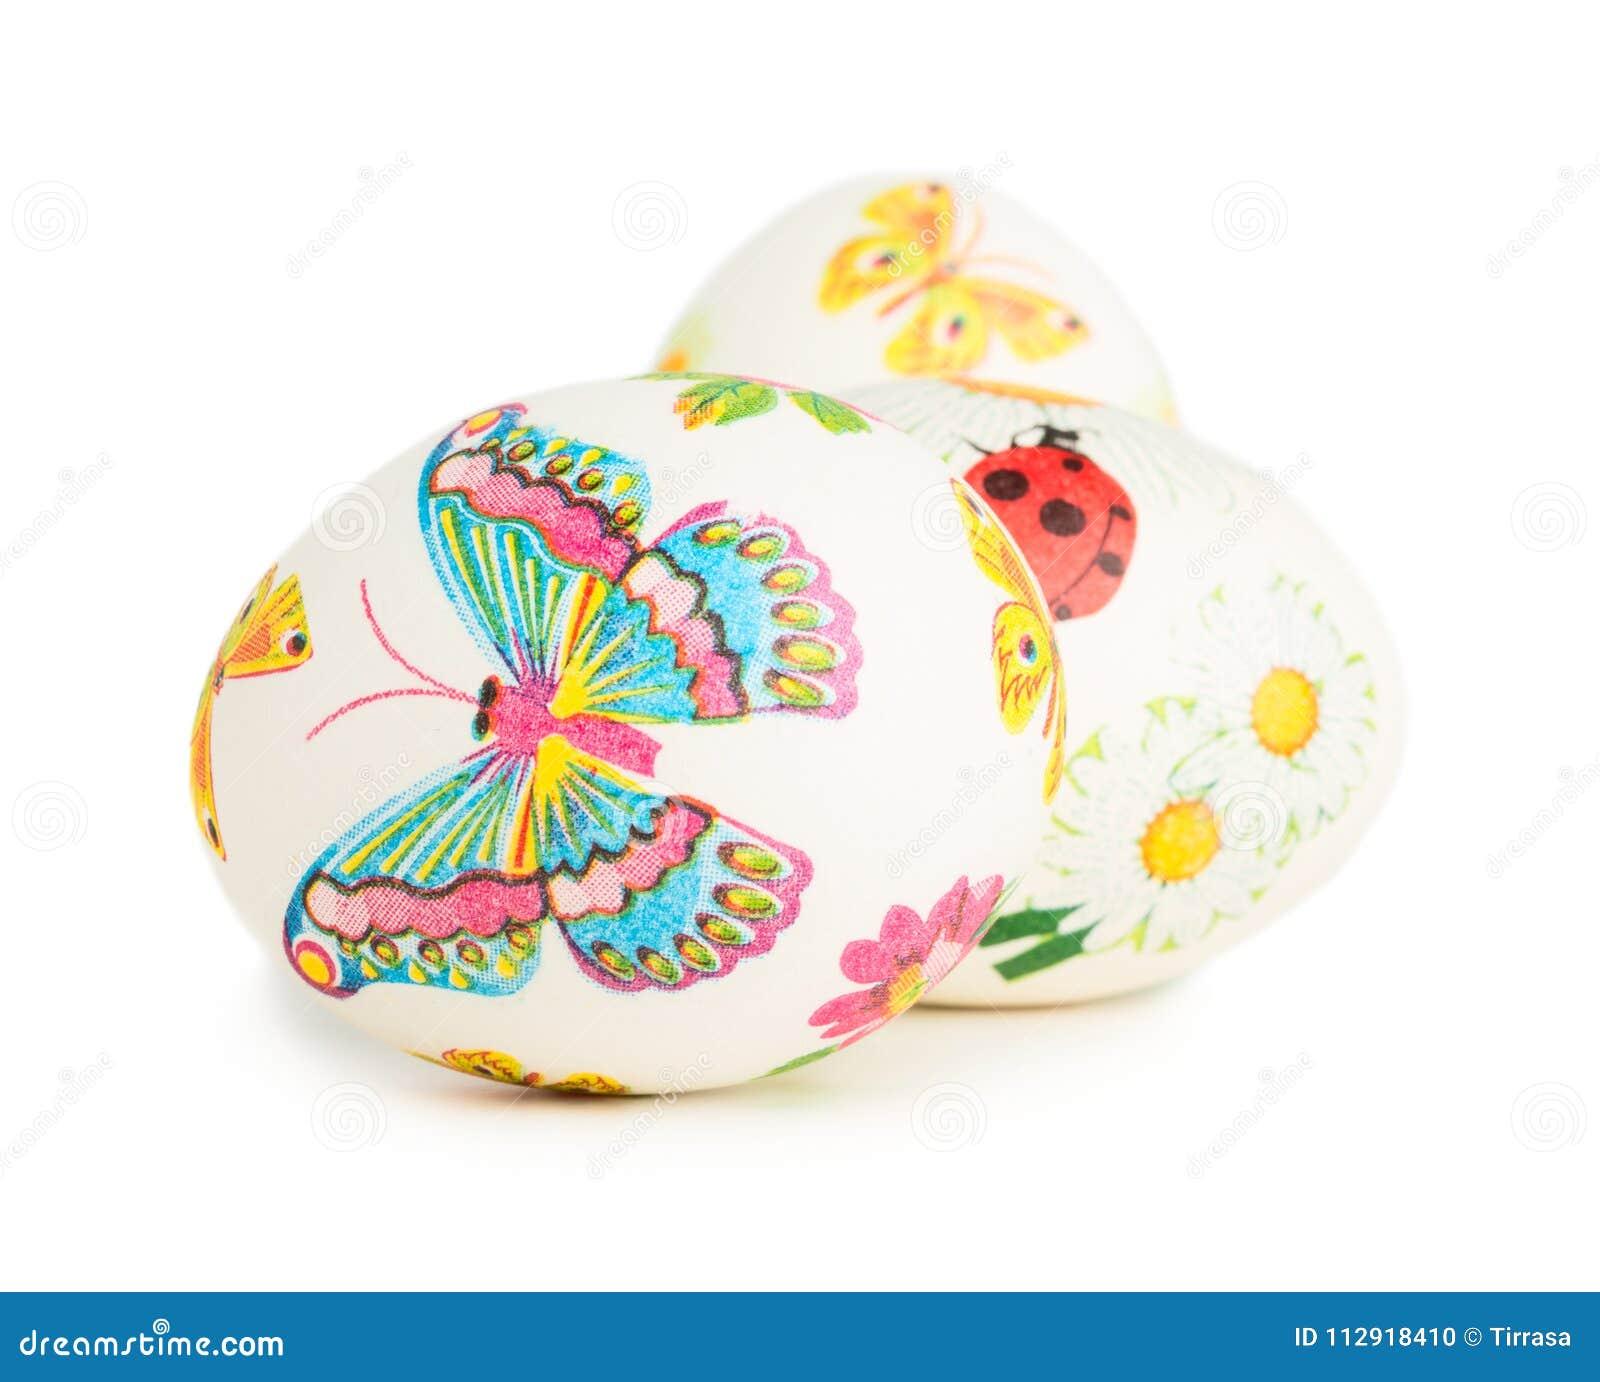 Wielkanocni jajka z wiosny dekoracją